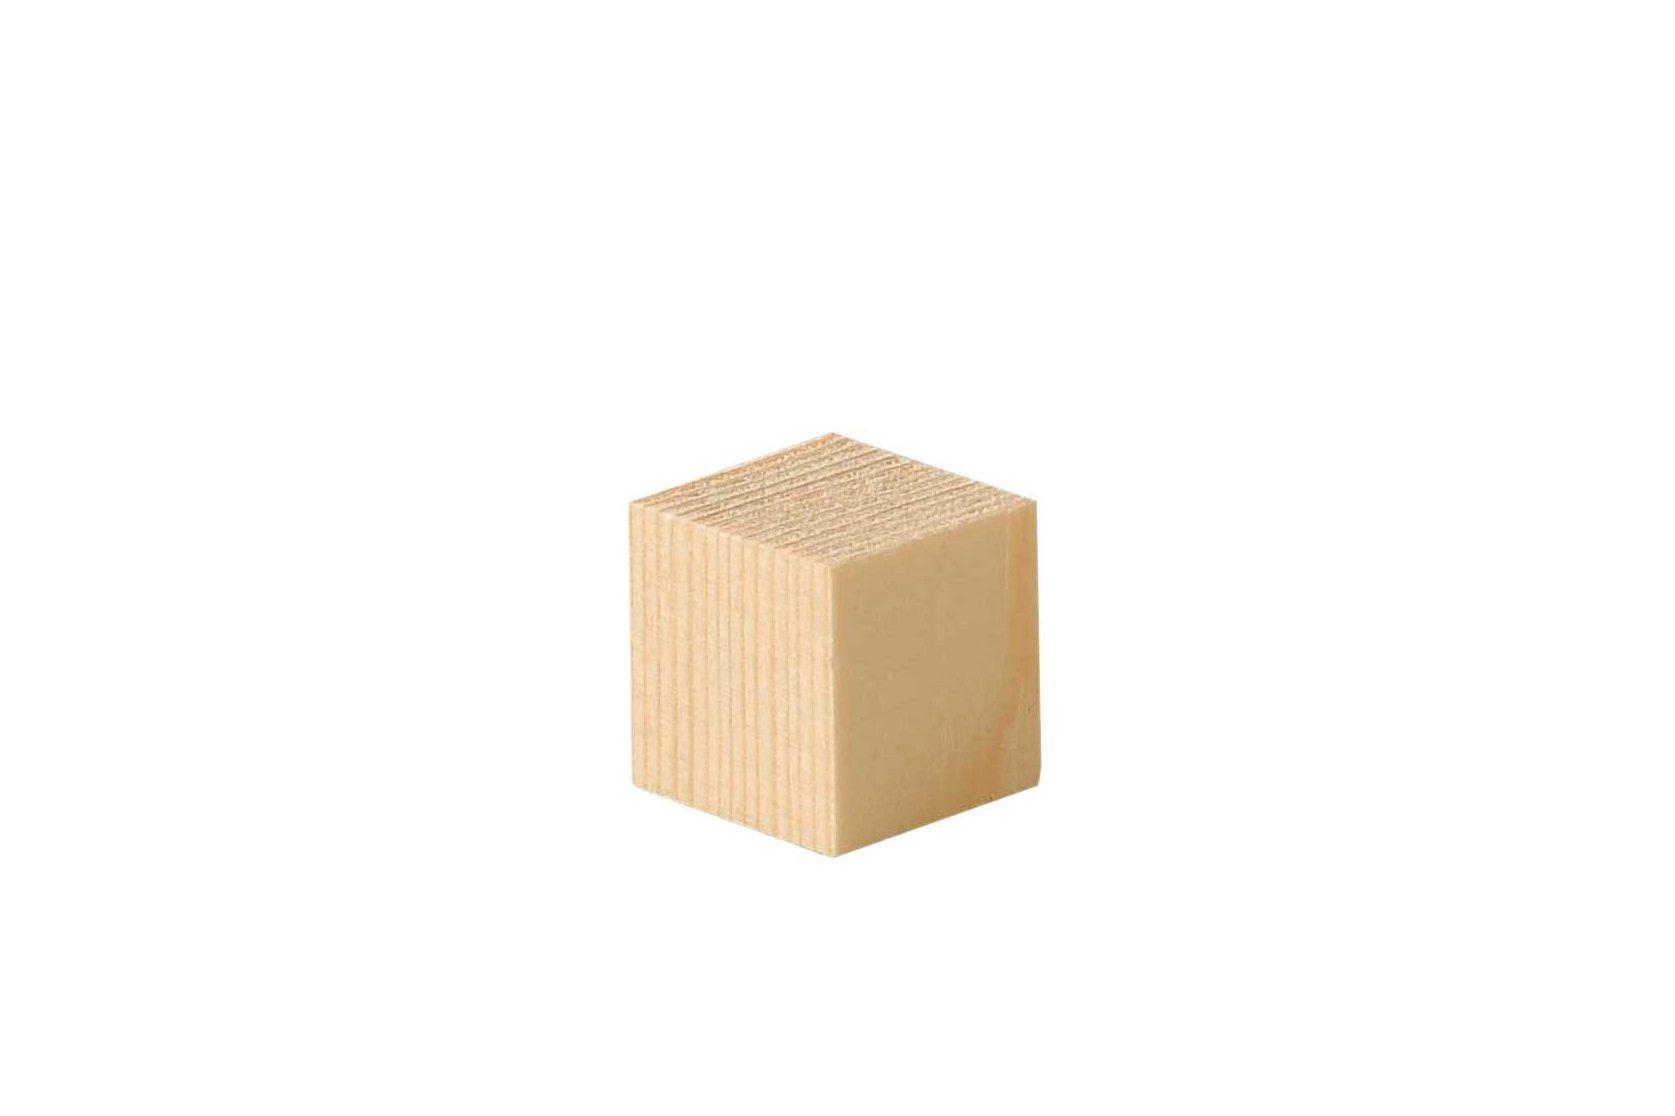 Cubes en bois sapin - 50 pces, 2x2x2 cm